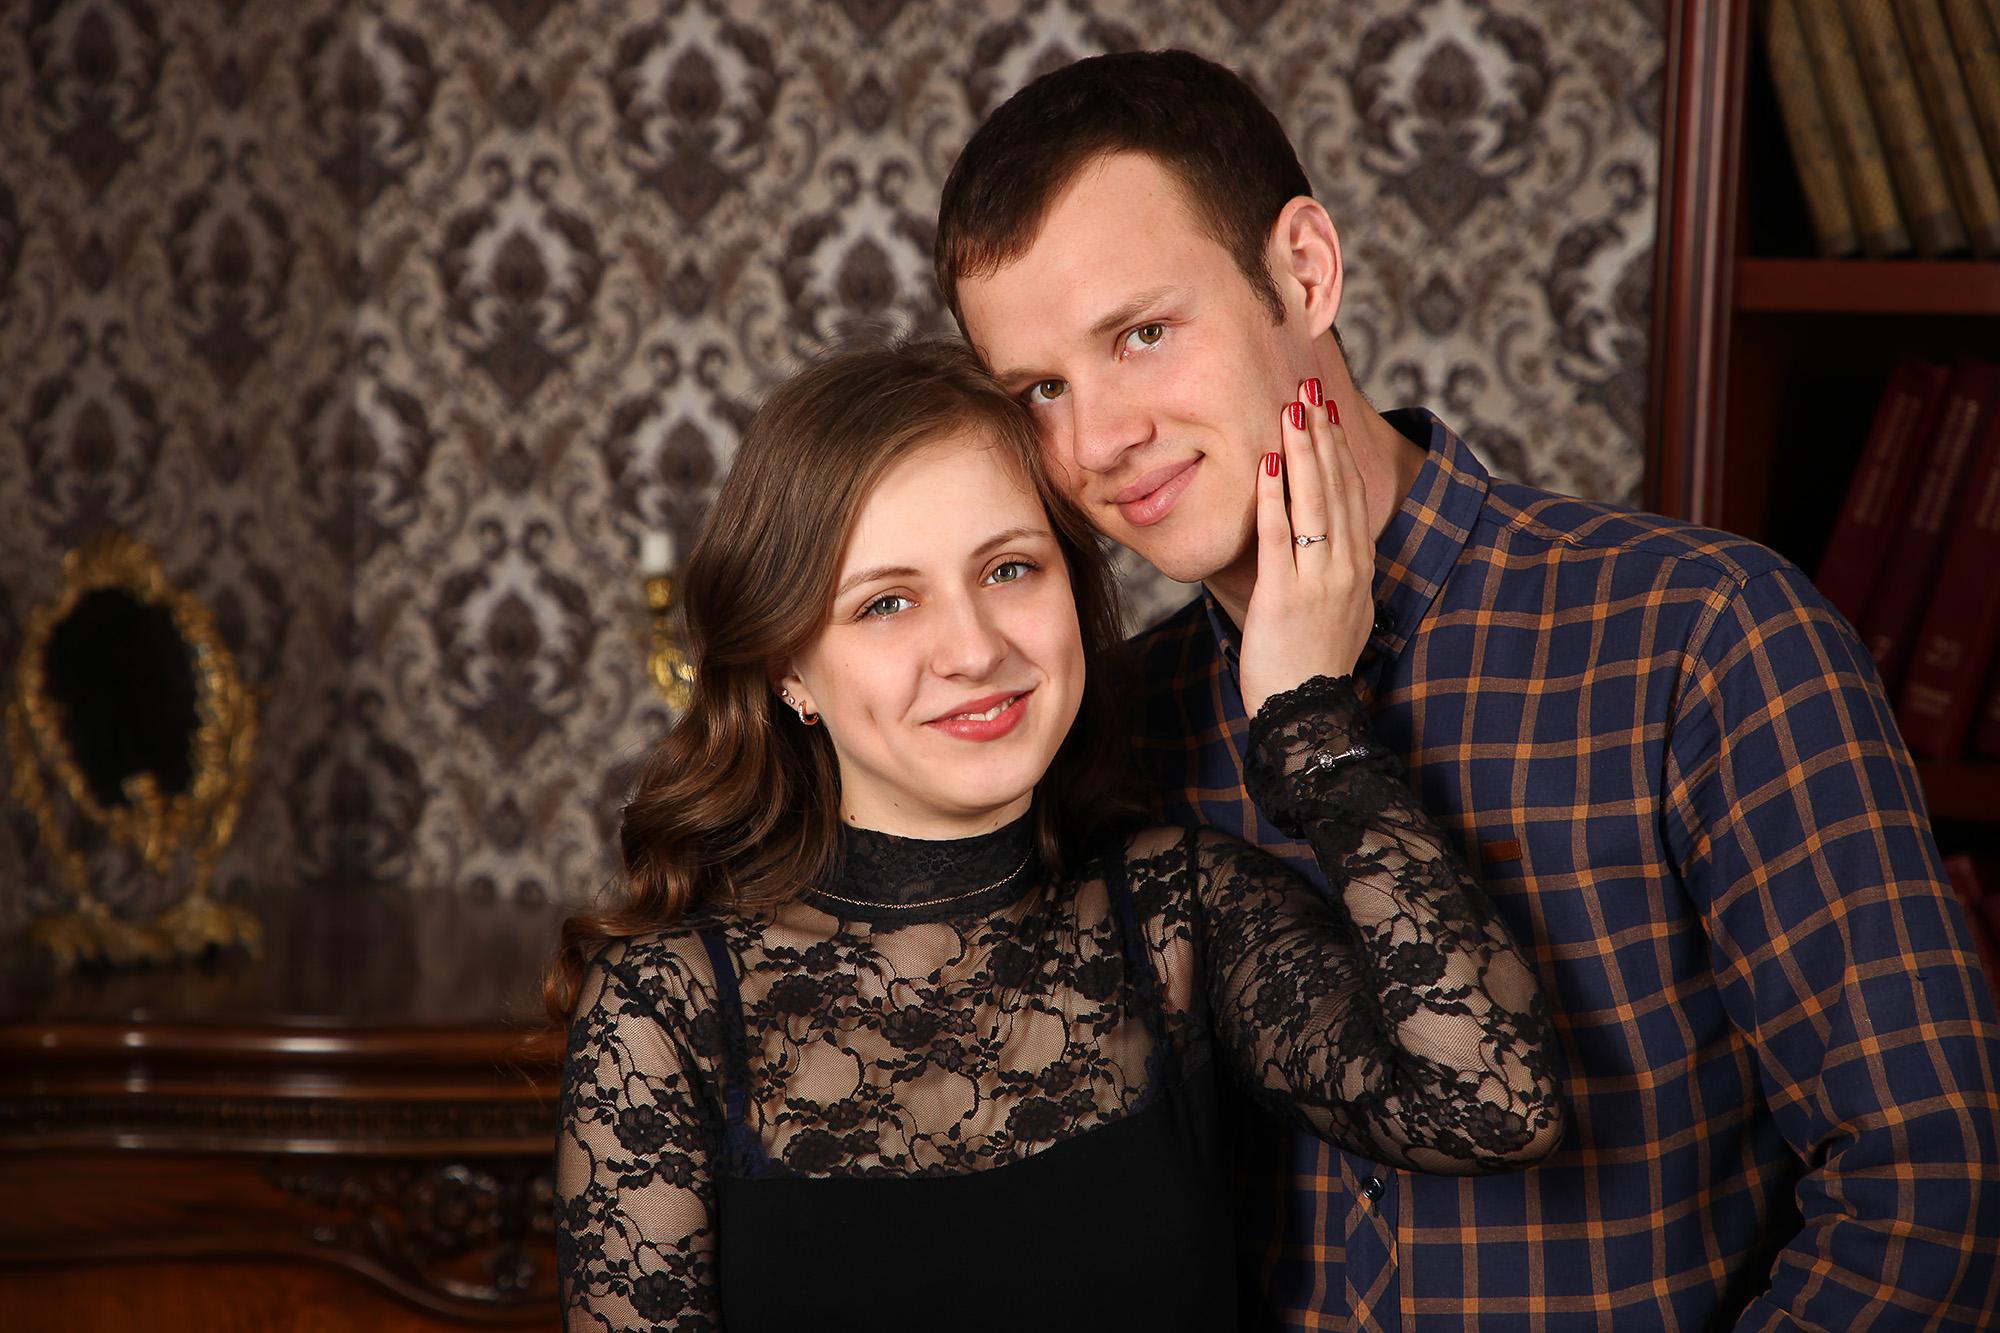 влюбленные, влюбленная пара, фотосессия на 8 марта, фотосессия 8 марта